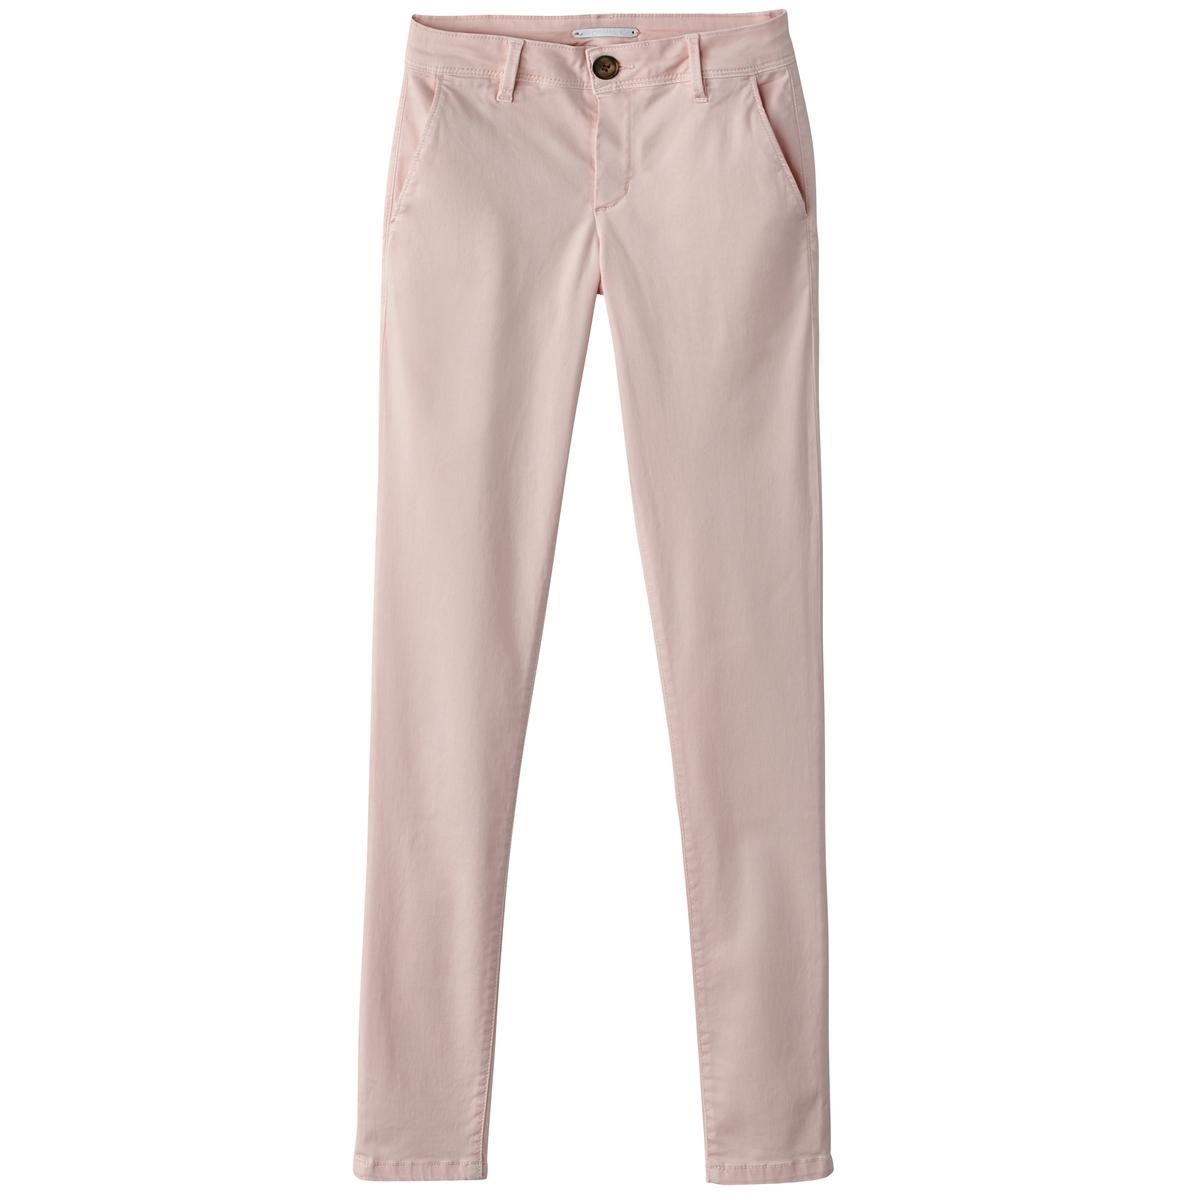 Брюки-чино базовые, однотонныеМатериал : 70% хлопка, 2% эластана, 28% лиоцелла Рисунок : однотонная модель  Высота пояса : стандартная Покрой брюк : брюки-чино<br><br>Цвет: бледно-розовый,темно-синий<br>Размер: L.S